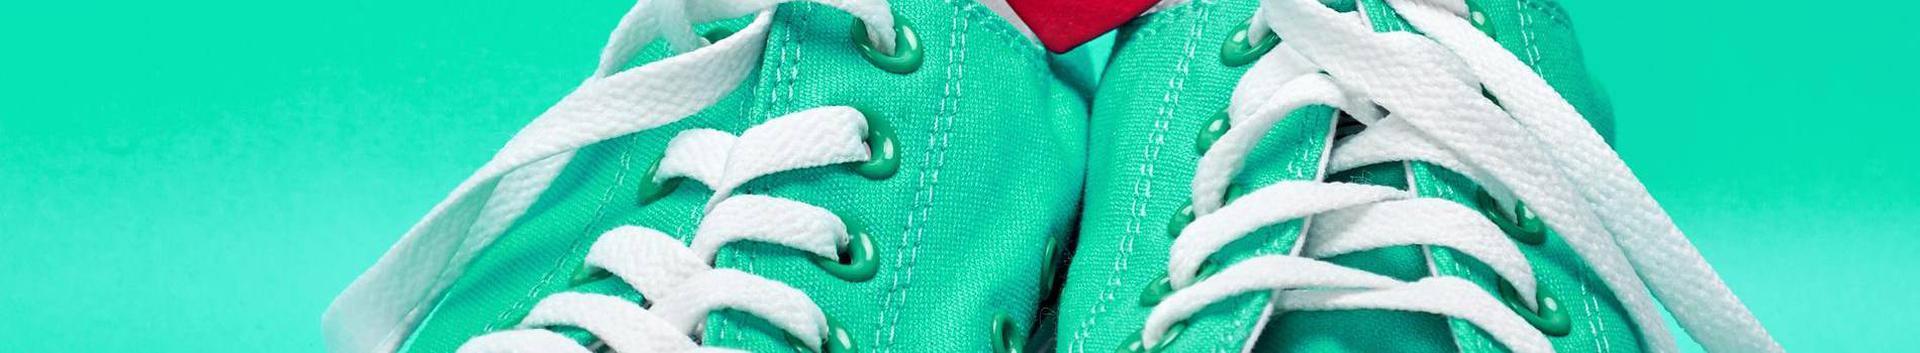 kangad ja kudumid, tekstiilitooted, tekstiiltooted, õmblustooted